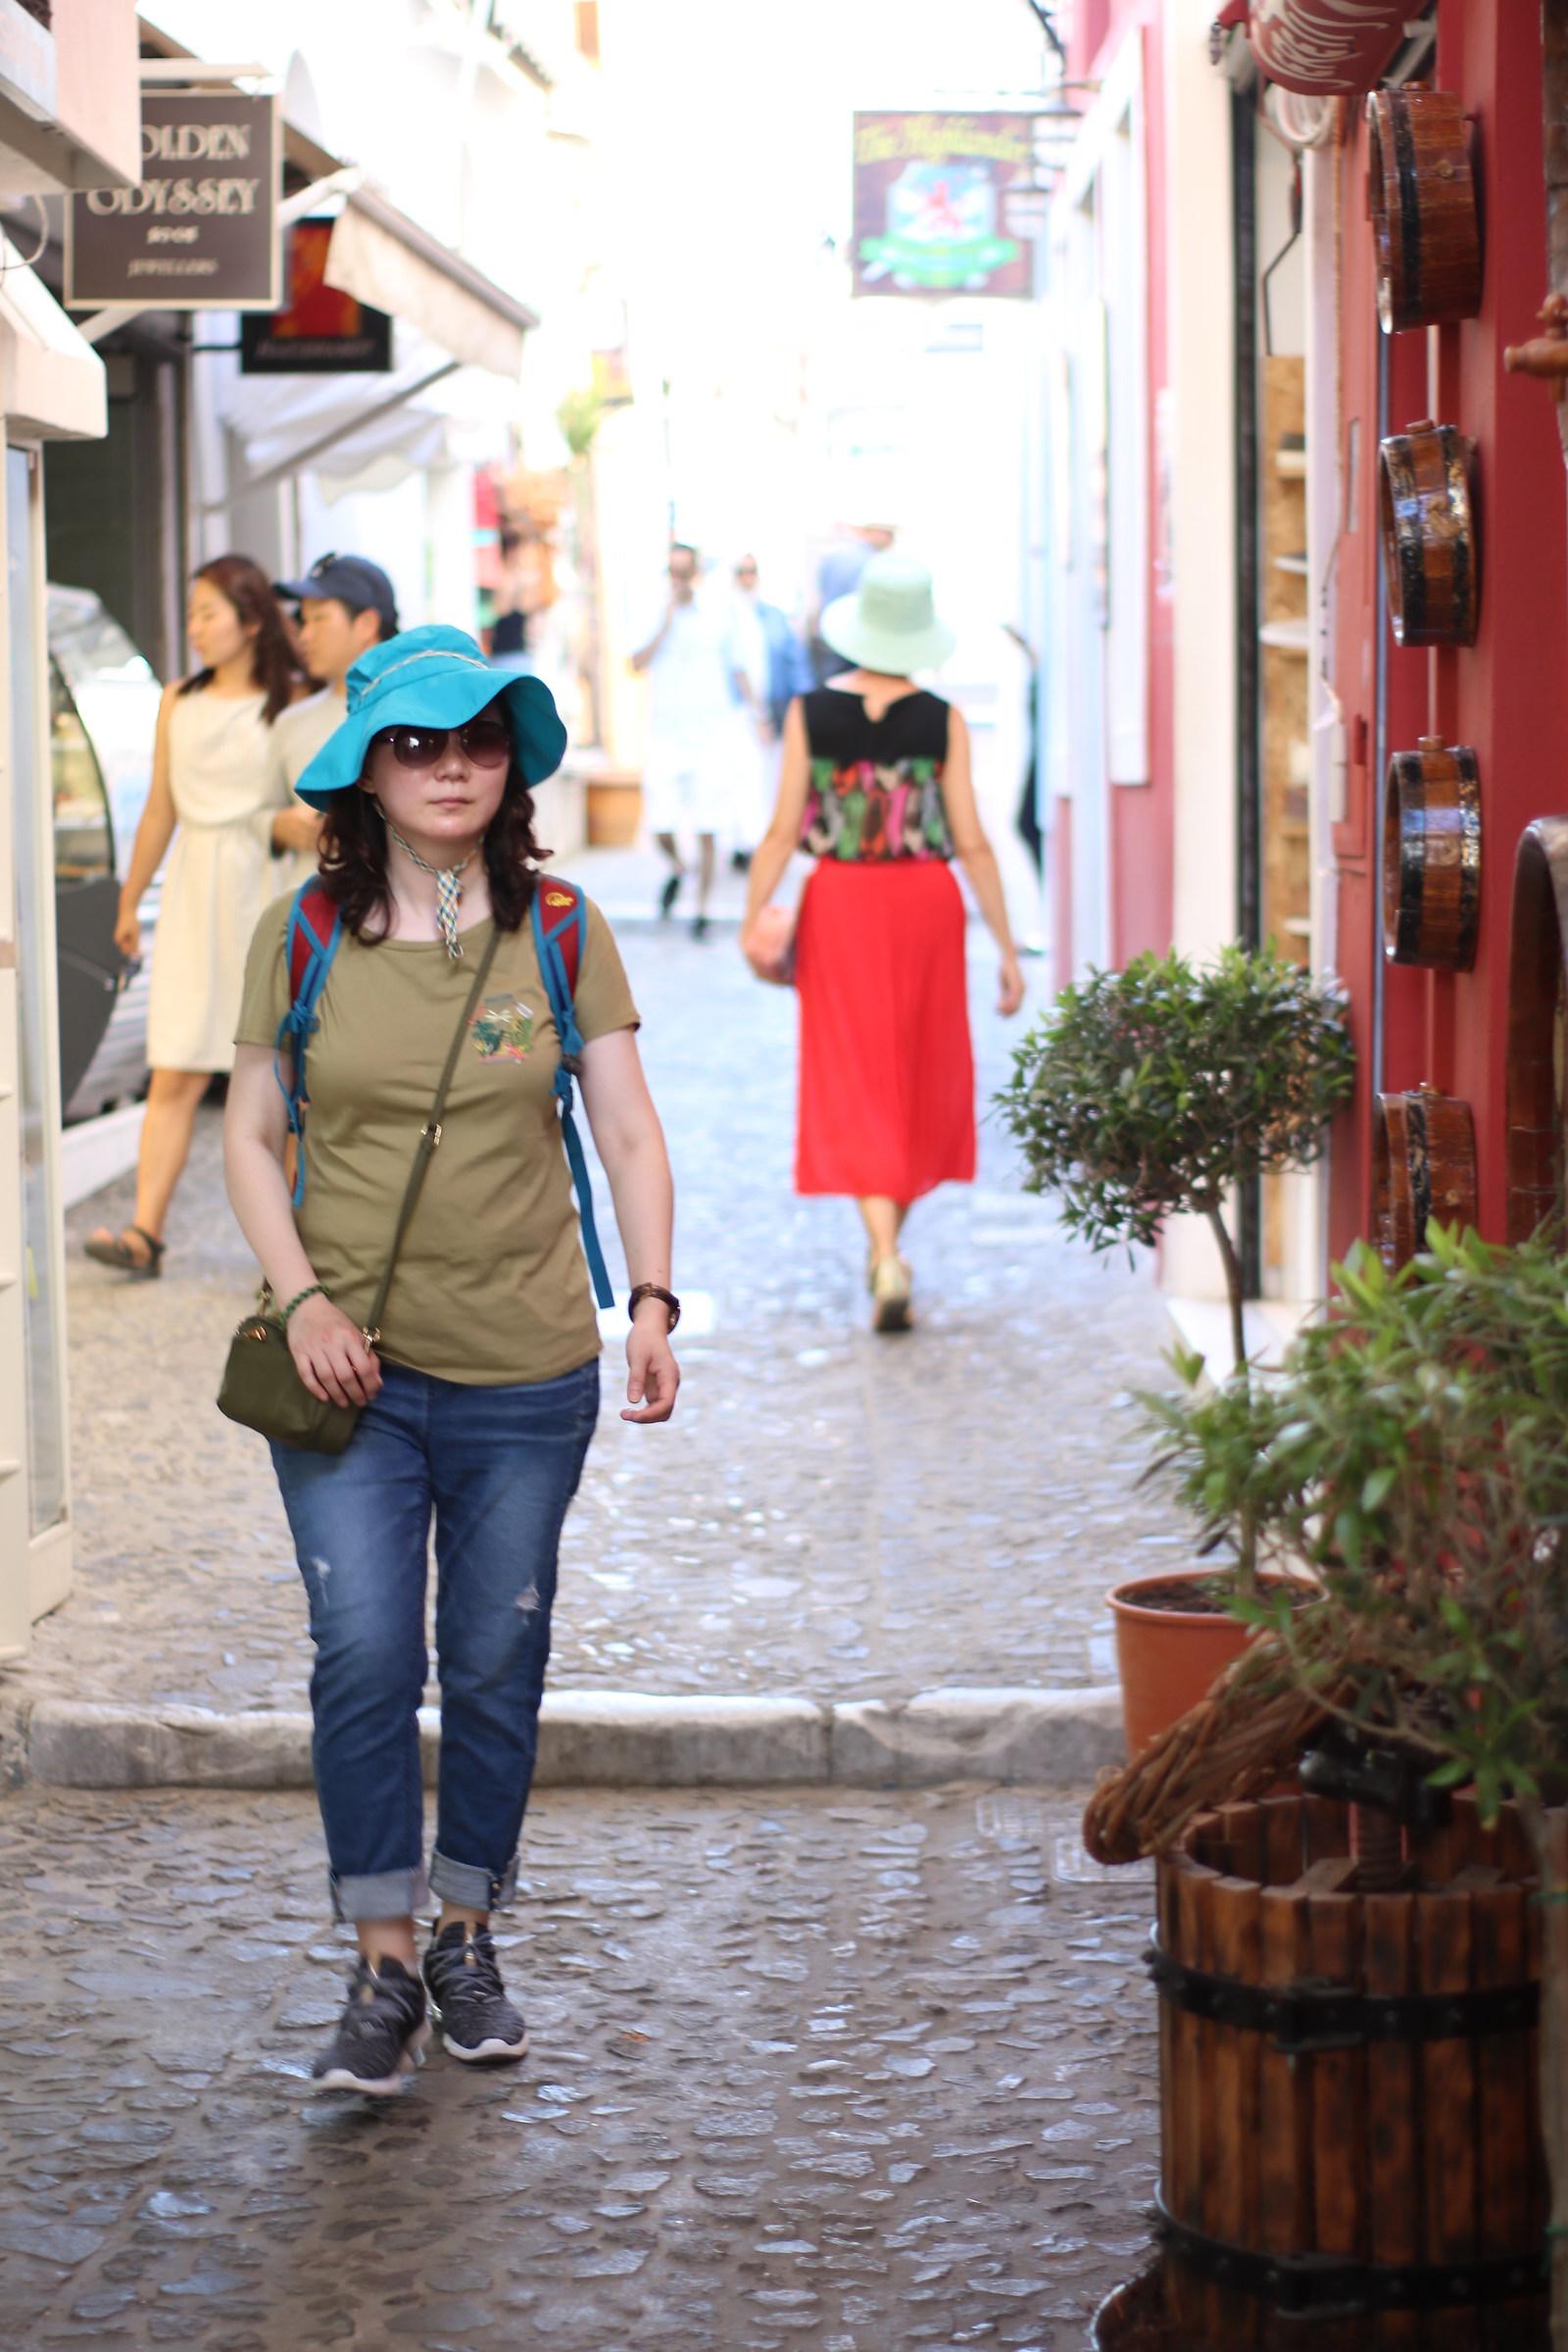 La donna con il cappello...